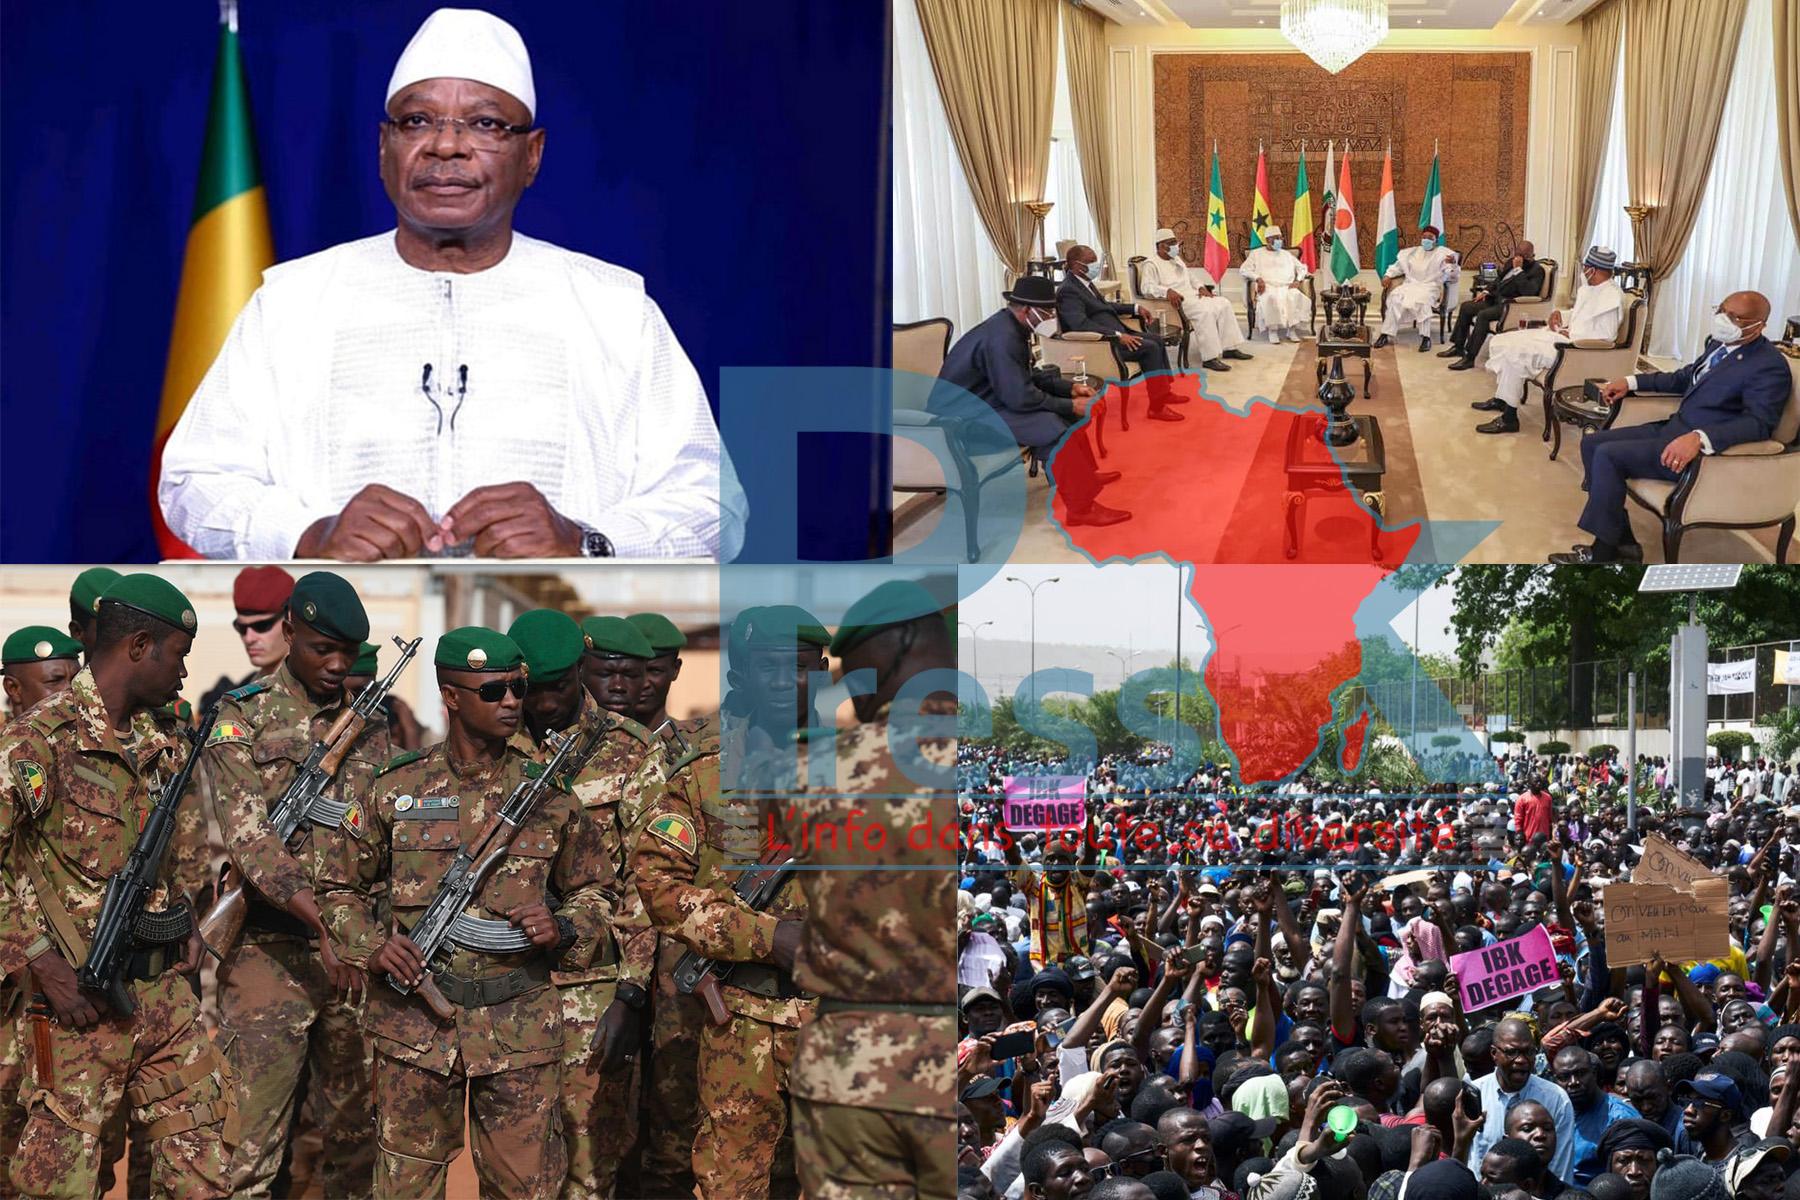 Embargo de la CEDEAO sur le Mali: un économiste sénégalais prédit des conséquences désastreuses dans la sous-région